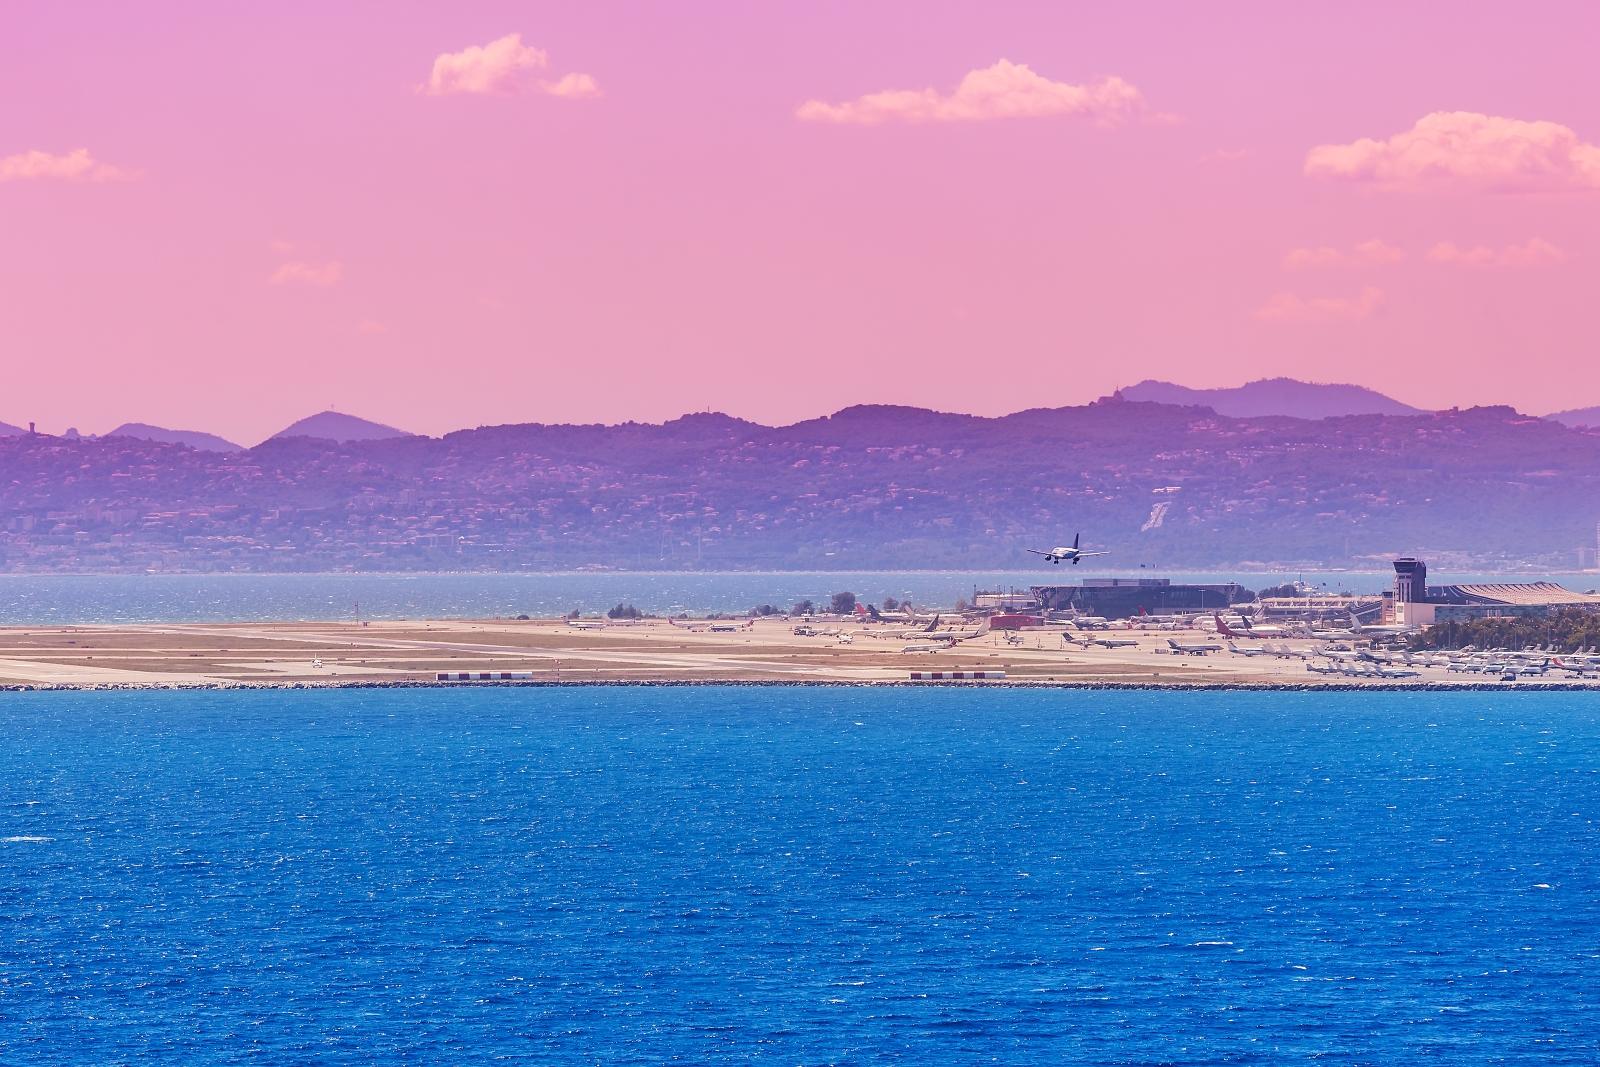 """Dem Flughafen Nizza war es nun möglich, Treibhausgas-Emissionen so deutlich zu reduzieren, dass ihm der Status """"kohlenstoffneutral"""" verliehen wurde."""